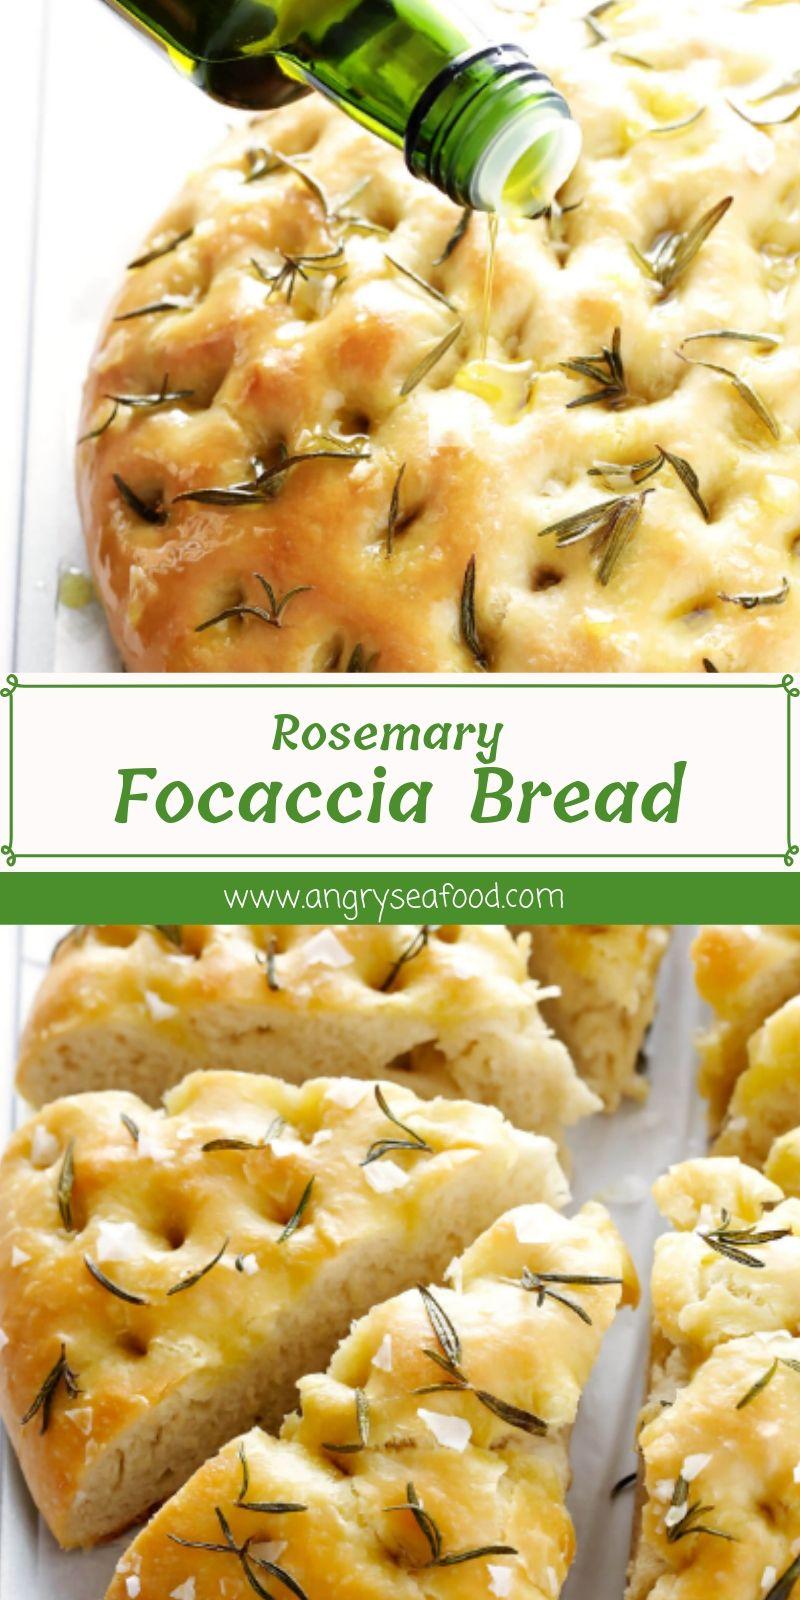 https://www.gimmesomeoven.com/rosemary-focaccia-bread/